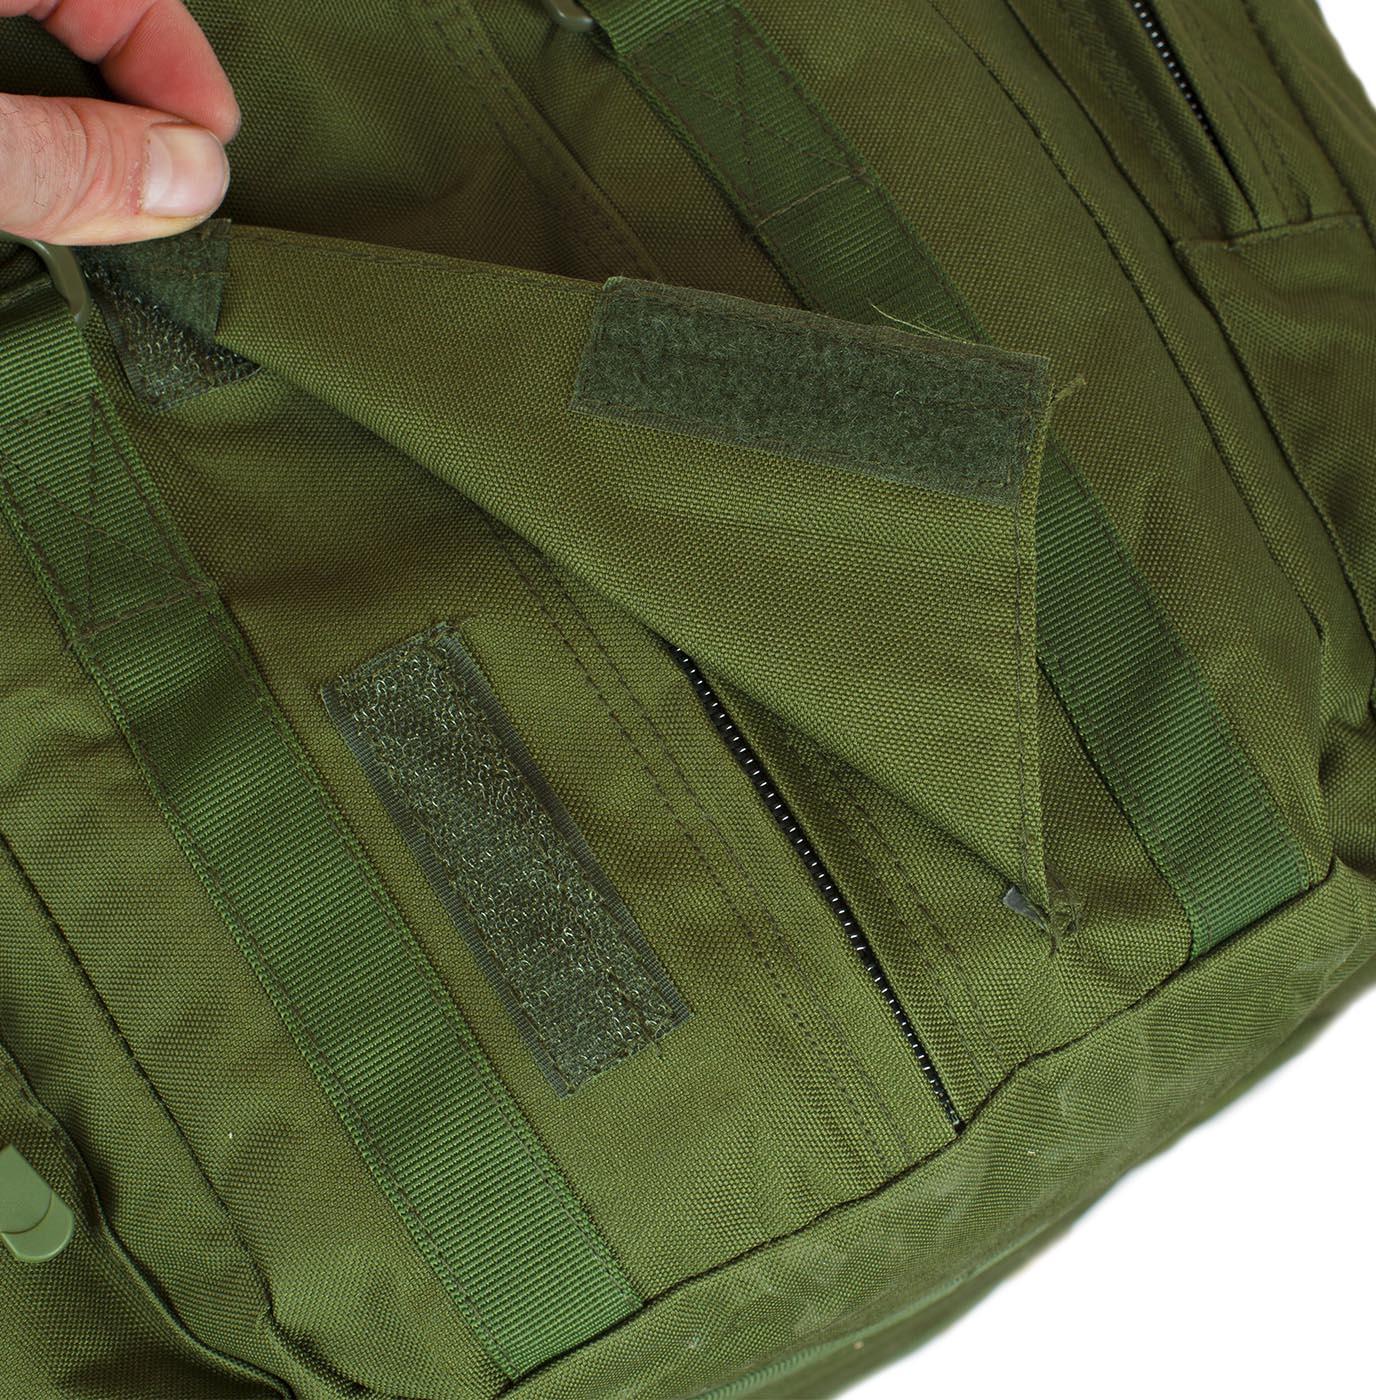 Тактическая походная сумка-рюкзак с нашивкой ДПС - купить в розницу